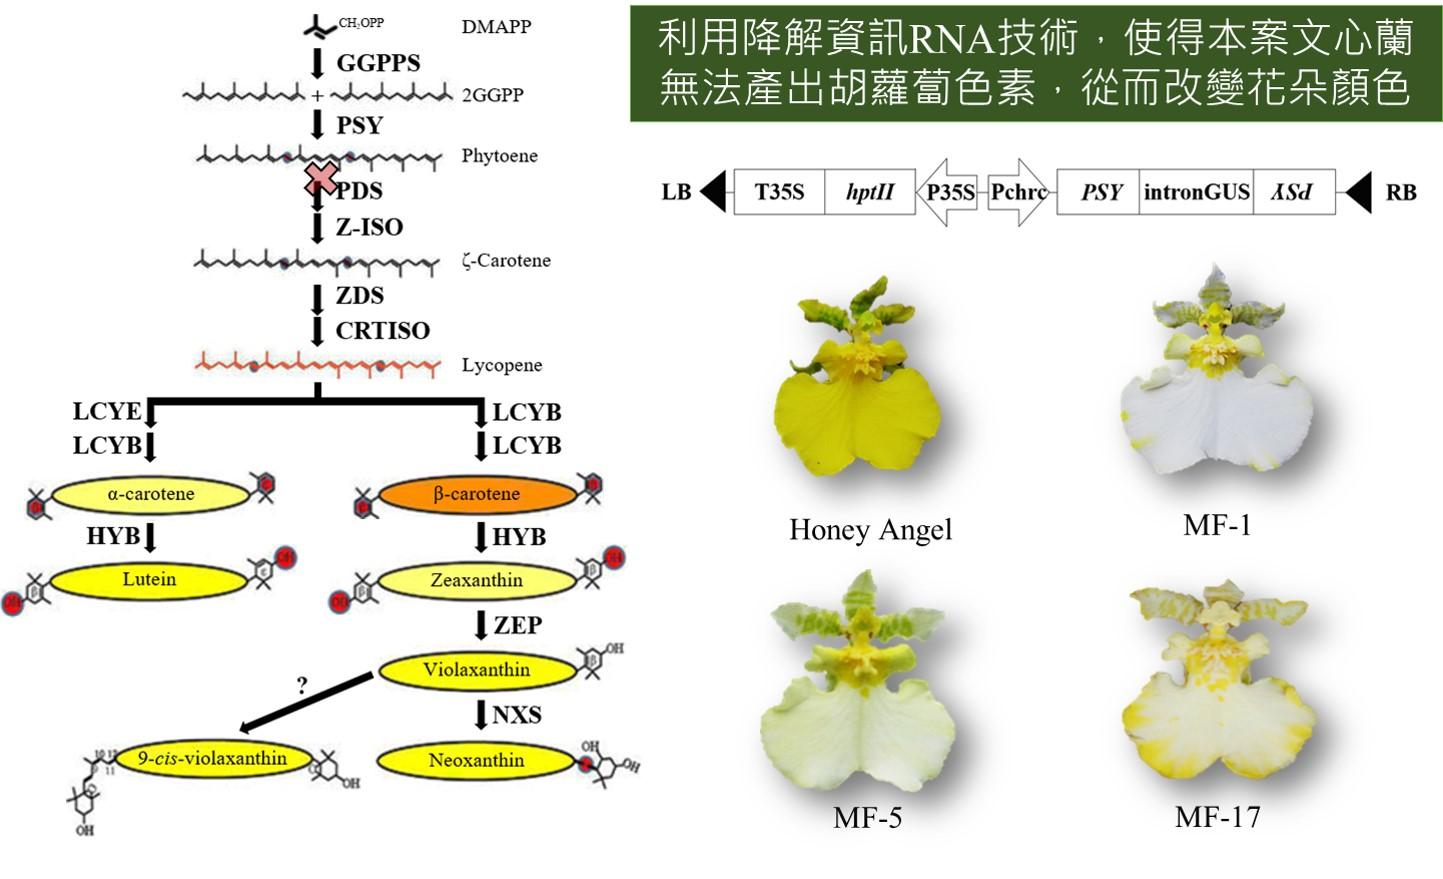 花卉分子育種新創產業 - 台大蜜雪切花文心蘭